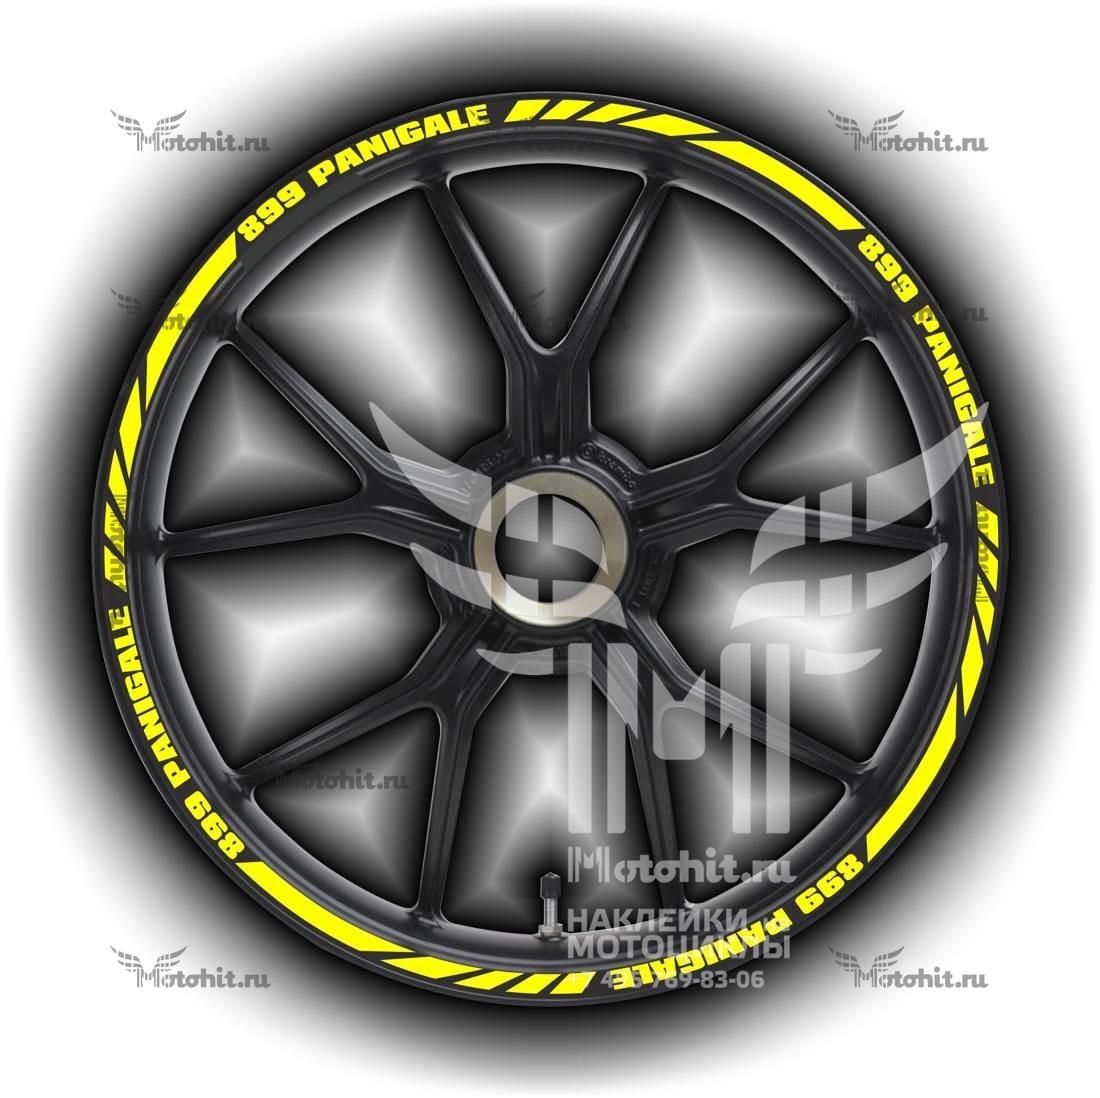 Комплект наклеек на обод колеса мотоцикла DUCATI 899-PANIGALE